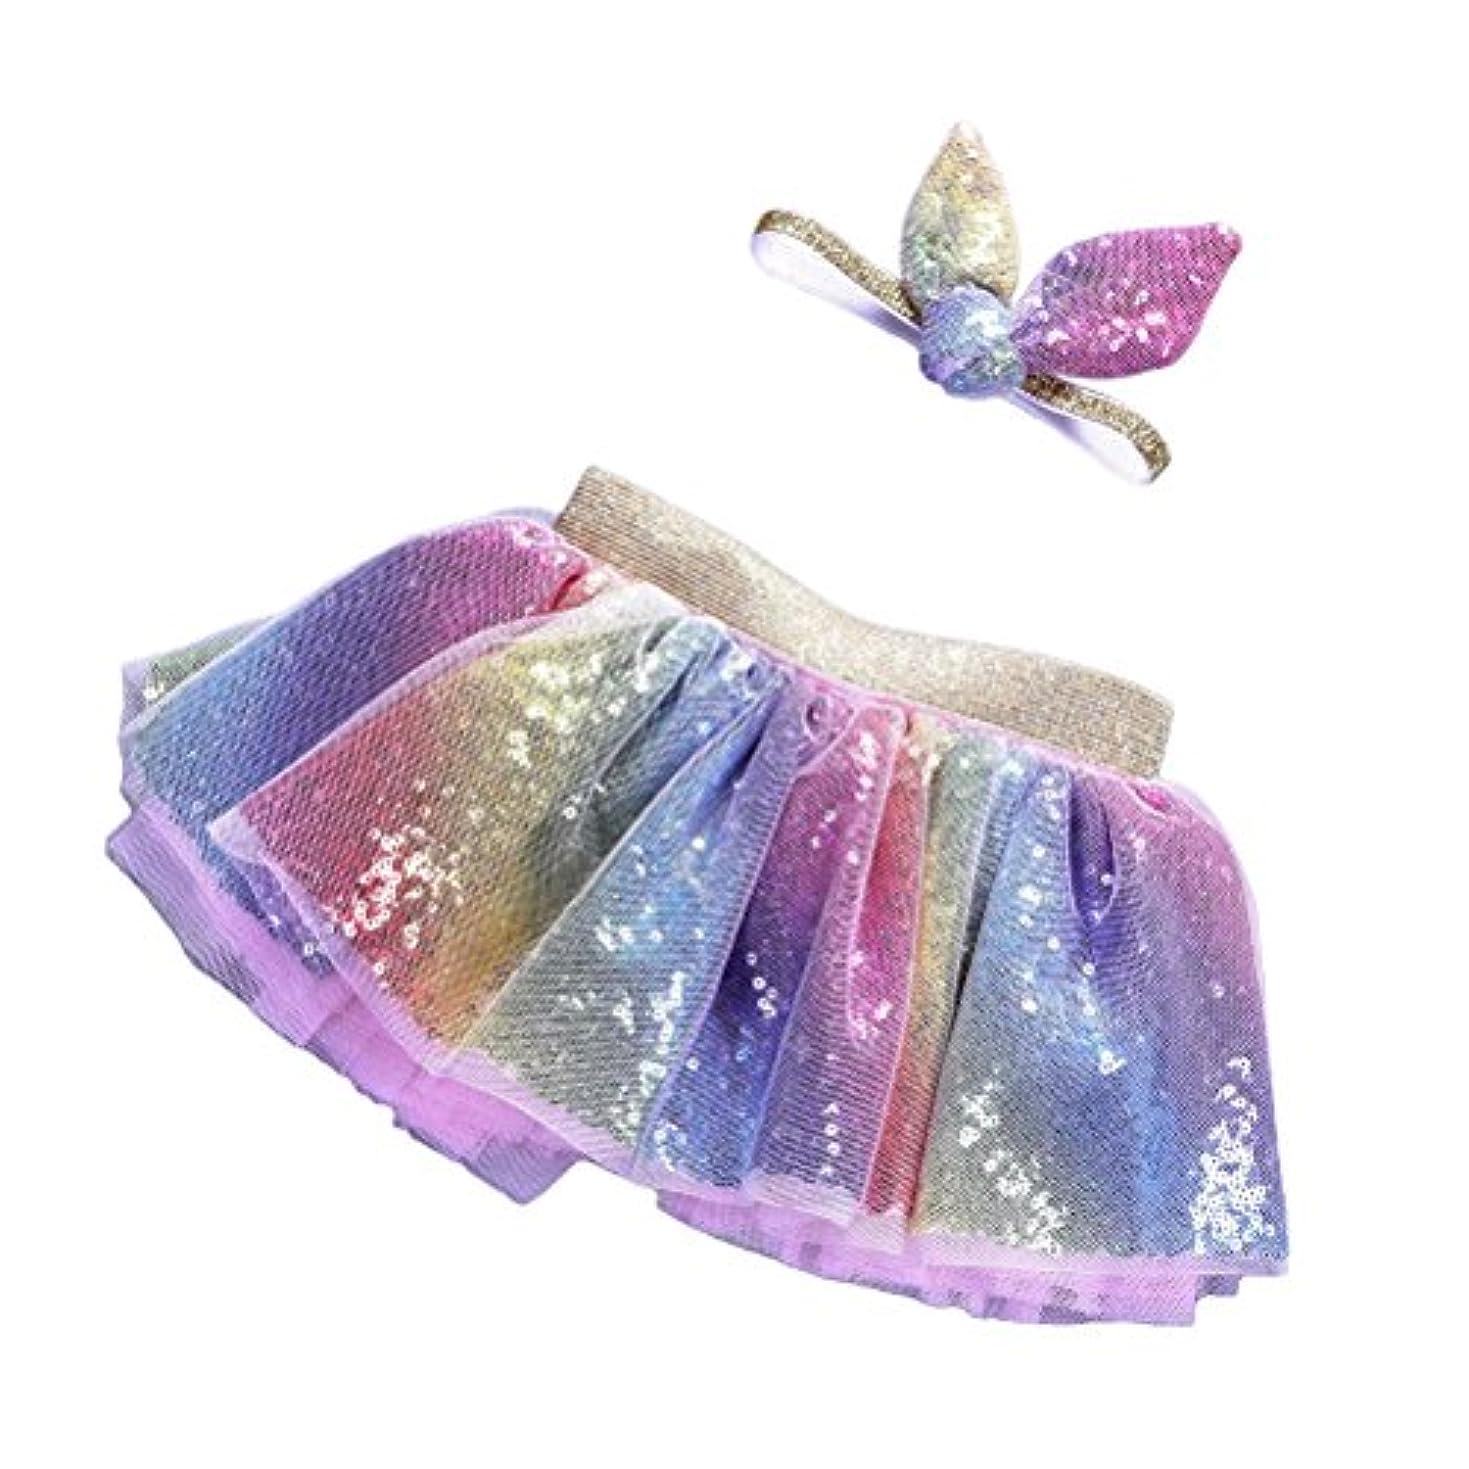 手伝う間違っているが欲しいLUOEM 2PCSレインボーツツースカート(ヘッドバンド付き)プリンセスガールツツーの服装ベビーガールズ誕生日の服セットサイズM(2?5歳)